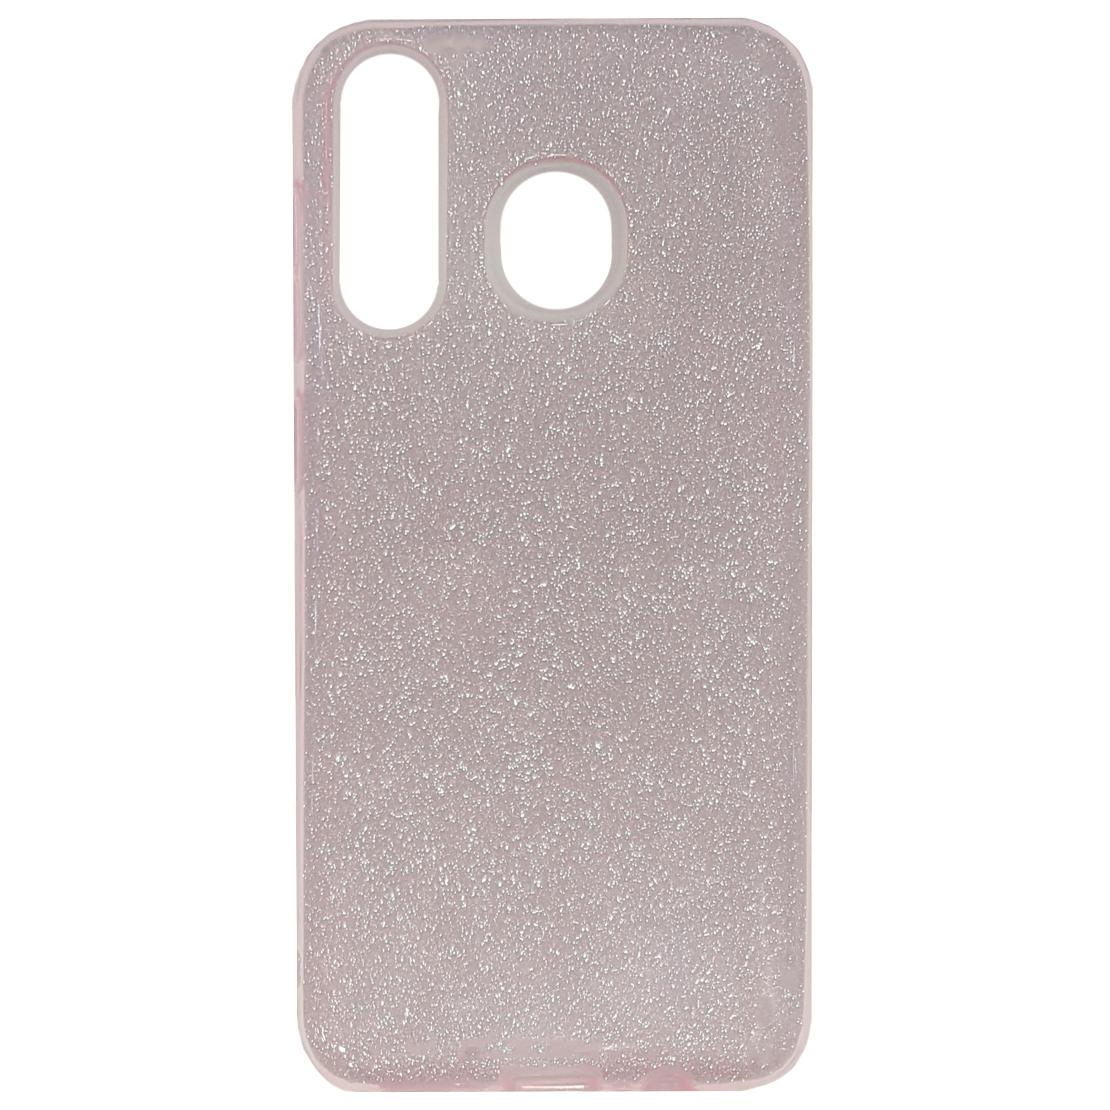 کاور مدل FSH-56 مناسب برای گوشی موبایل سامسونگ Galaxy A20/A30